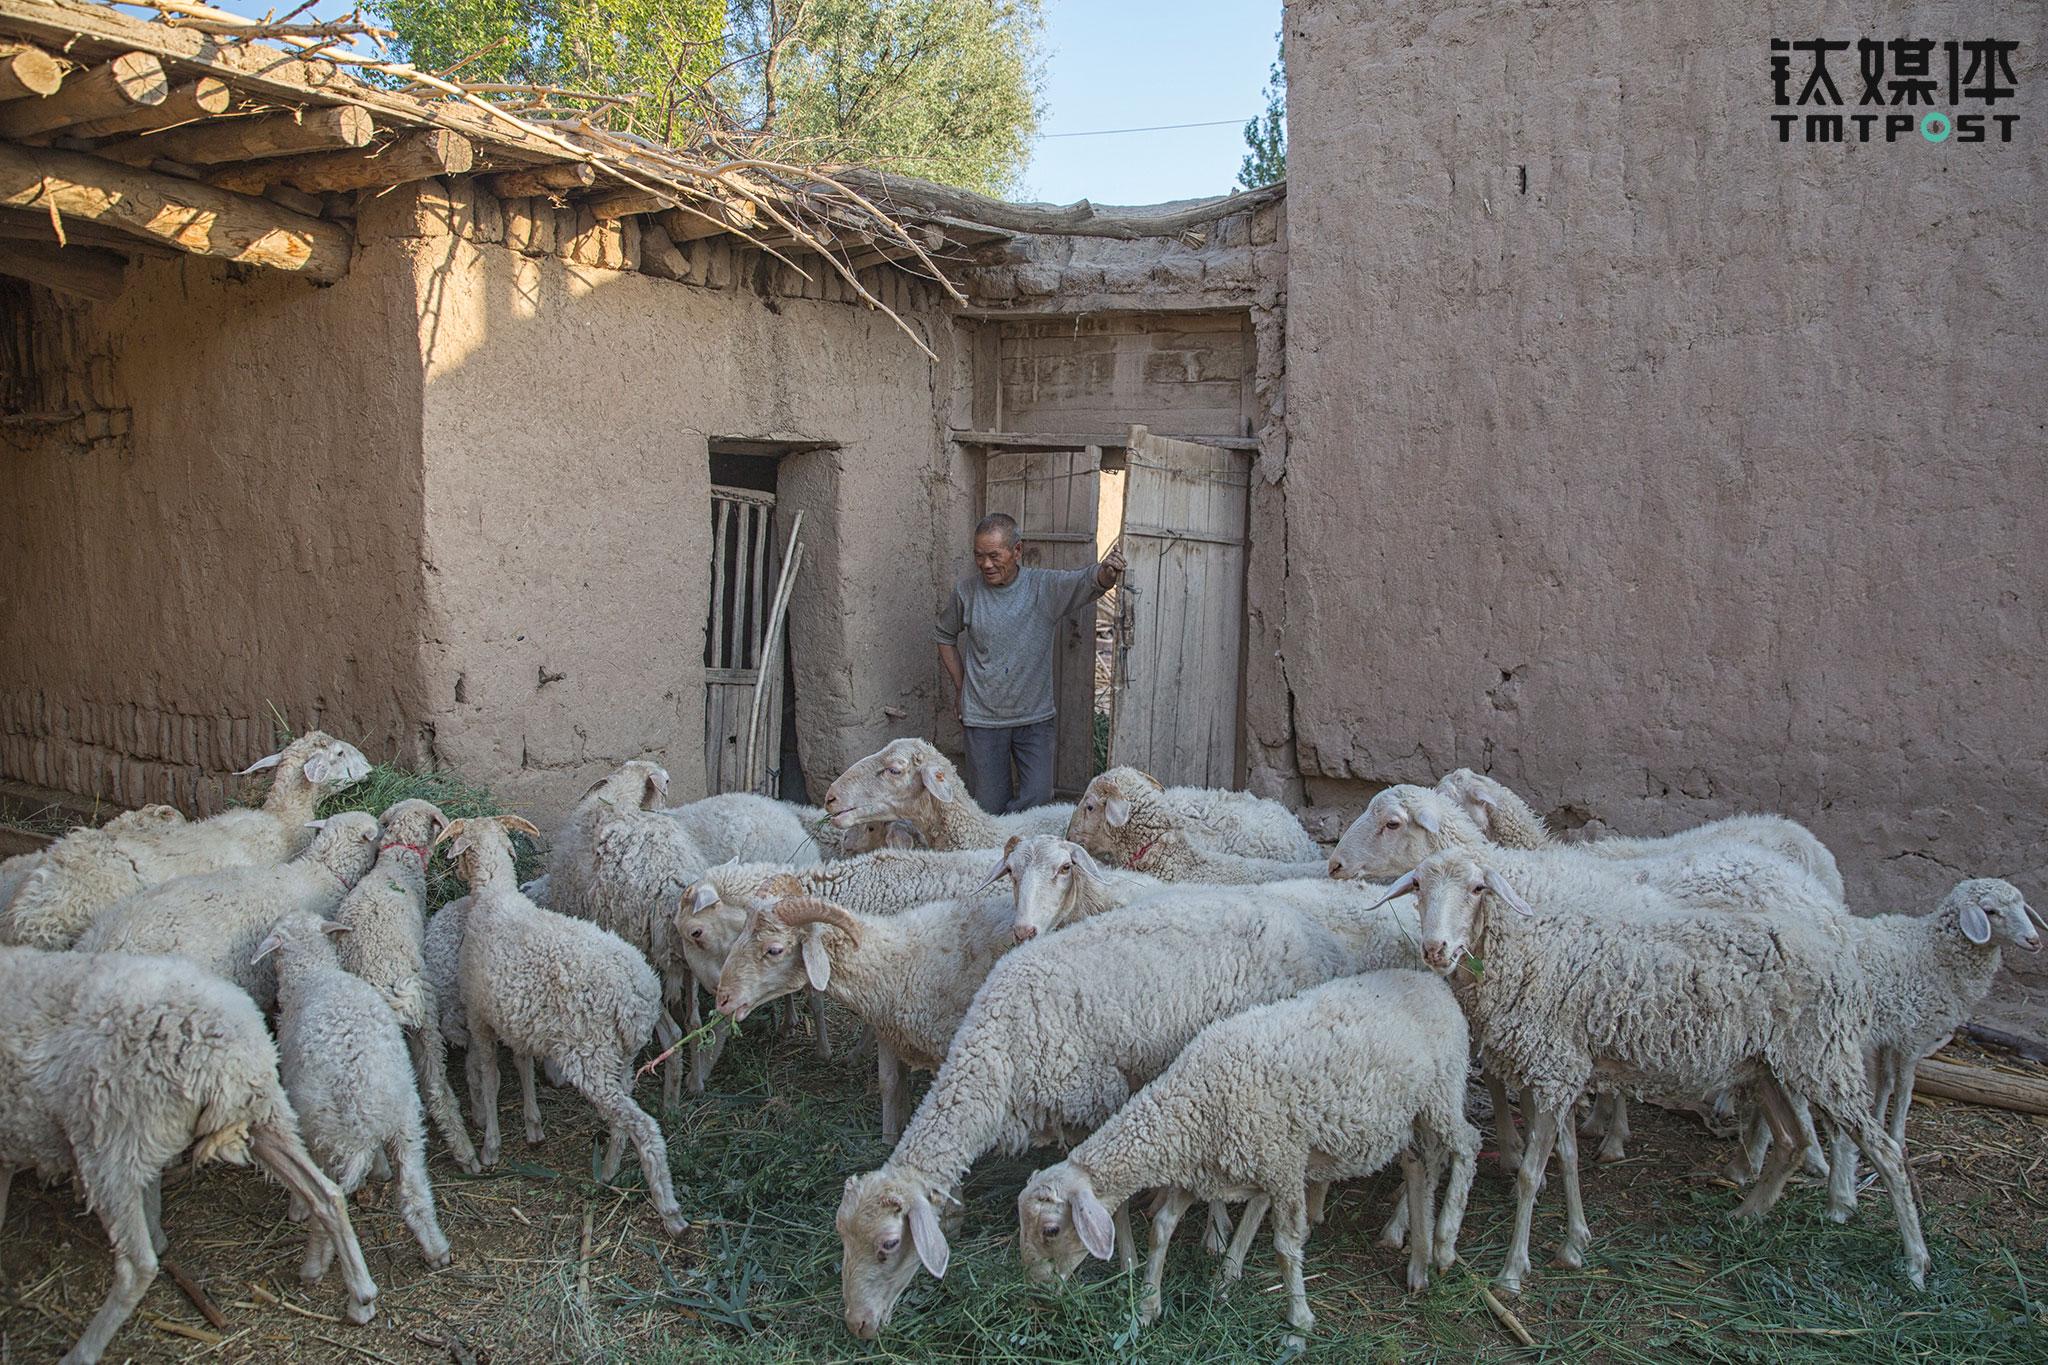 家里20只羊是很宝贵的财产,每天早晚要割草喂一次。家里平时不吃肉,只到冬天3个月时间才会杀一只羊过冬以及过春节。如果家里临时有急事,或者李生在学校急用钱,李红善就会卖掉一两只羊应急。